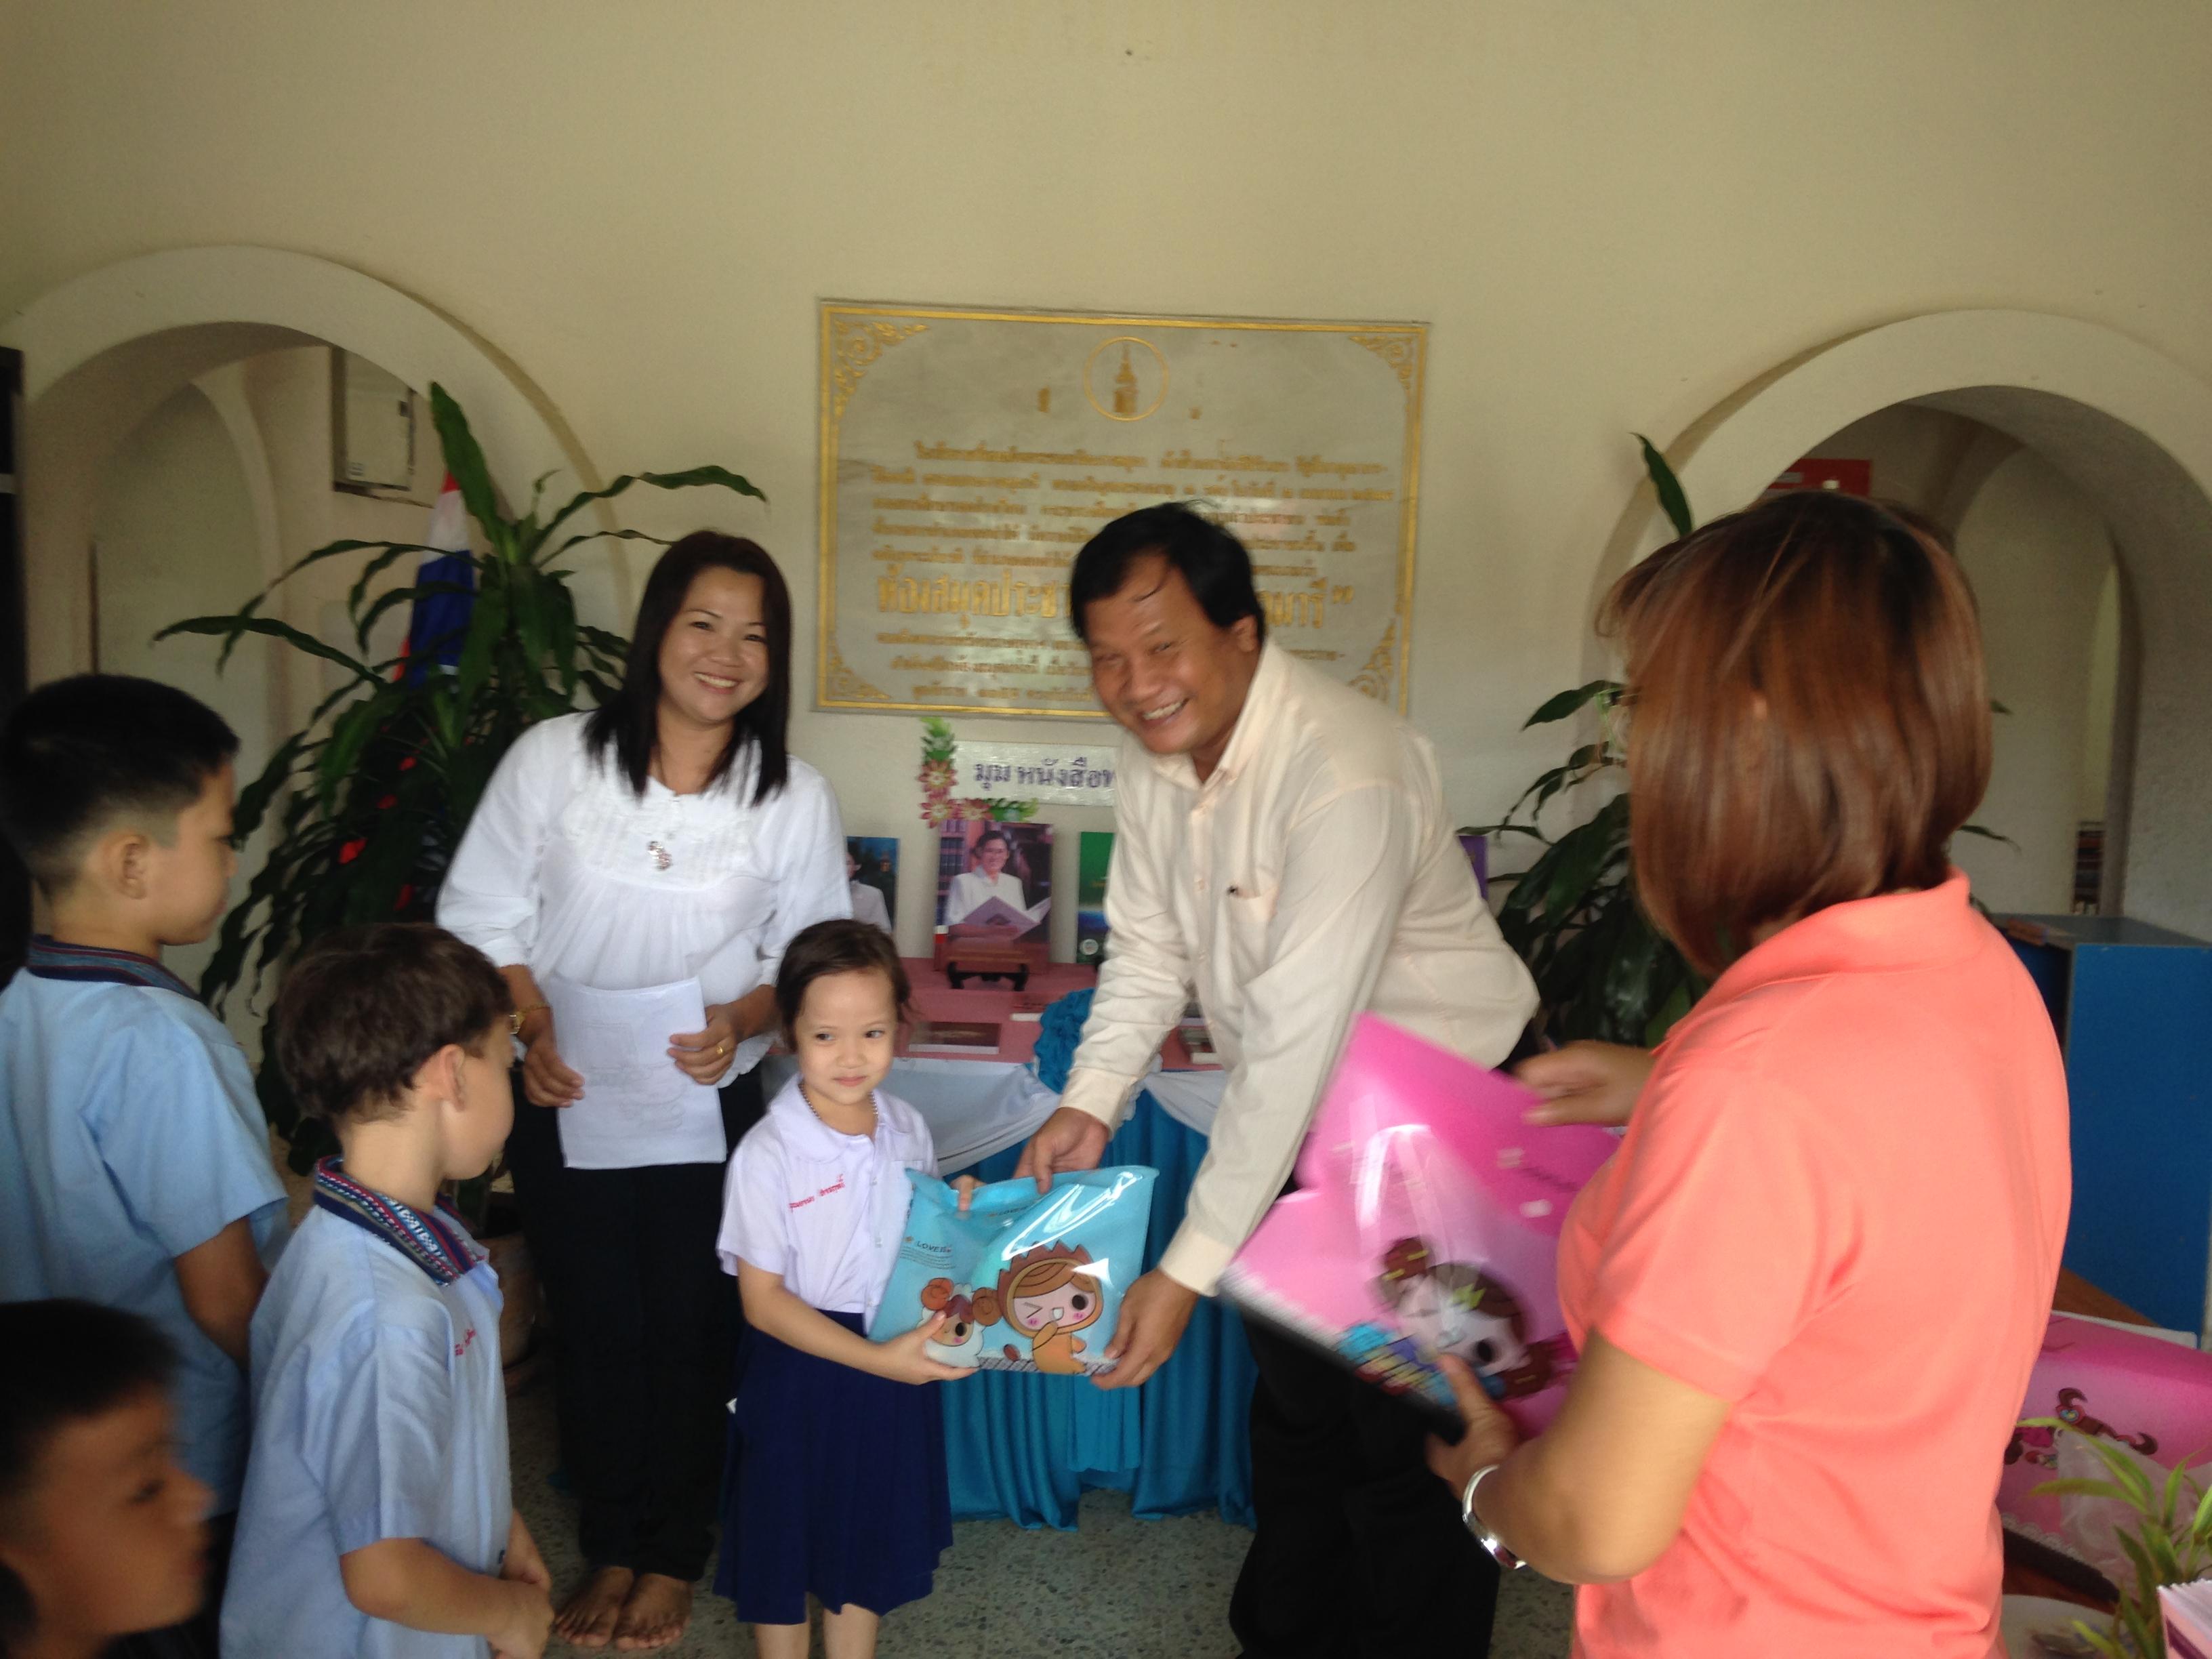 โครงการวันเด็กแห่งชาติ  เสาร์ที่10 มกราคม ประจำปี 2558